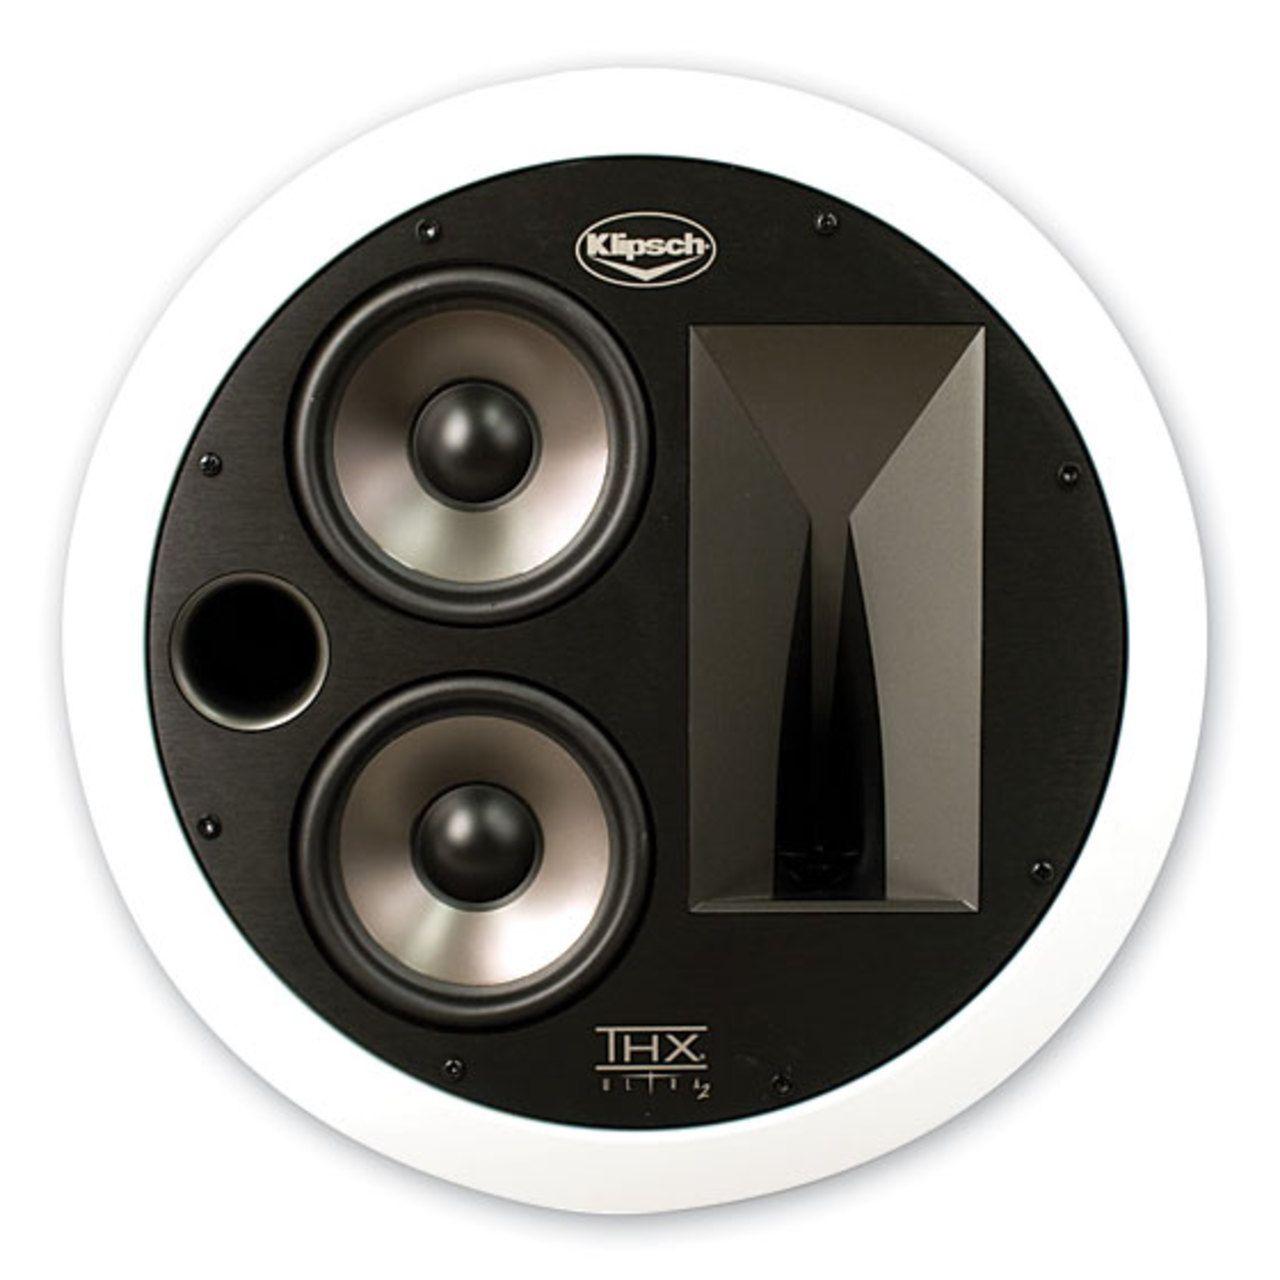 Klipsch: KL-7502-THX In-Ceiling Speaker